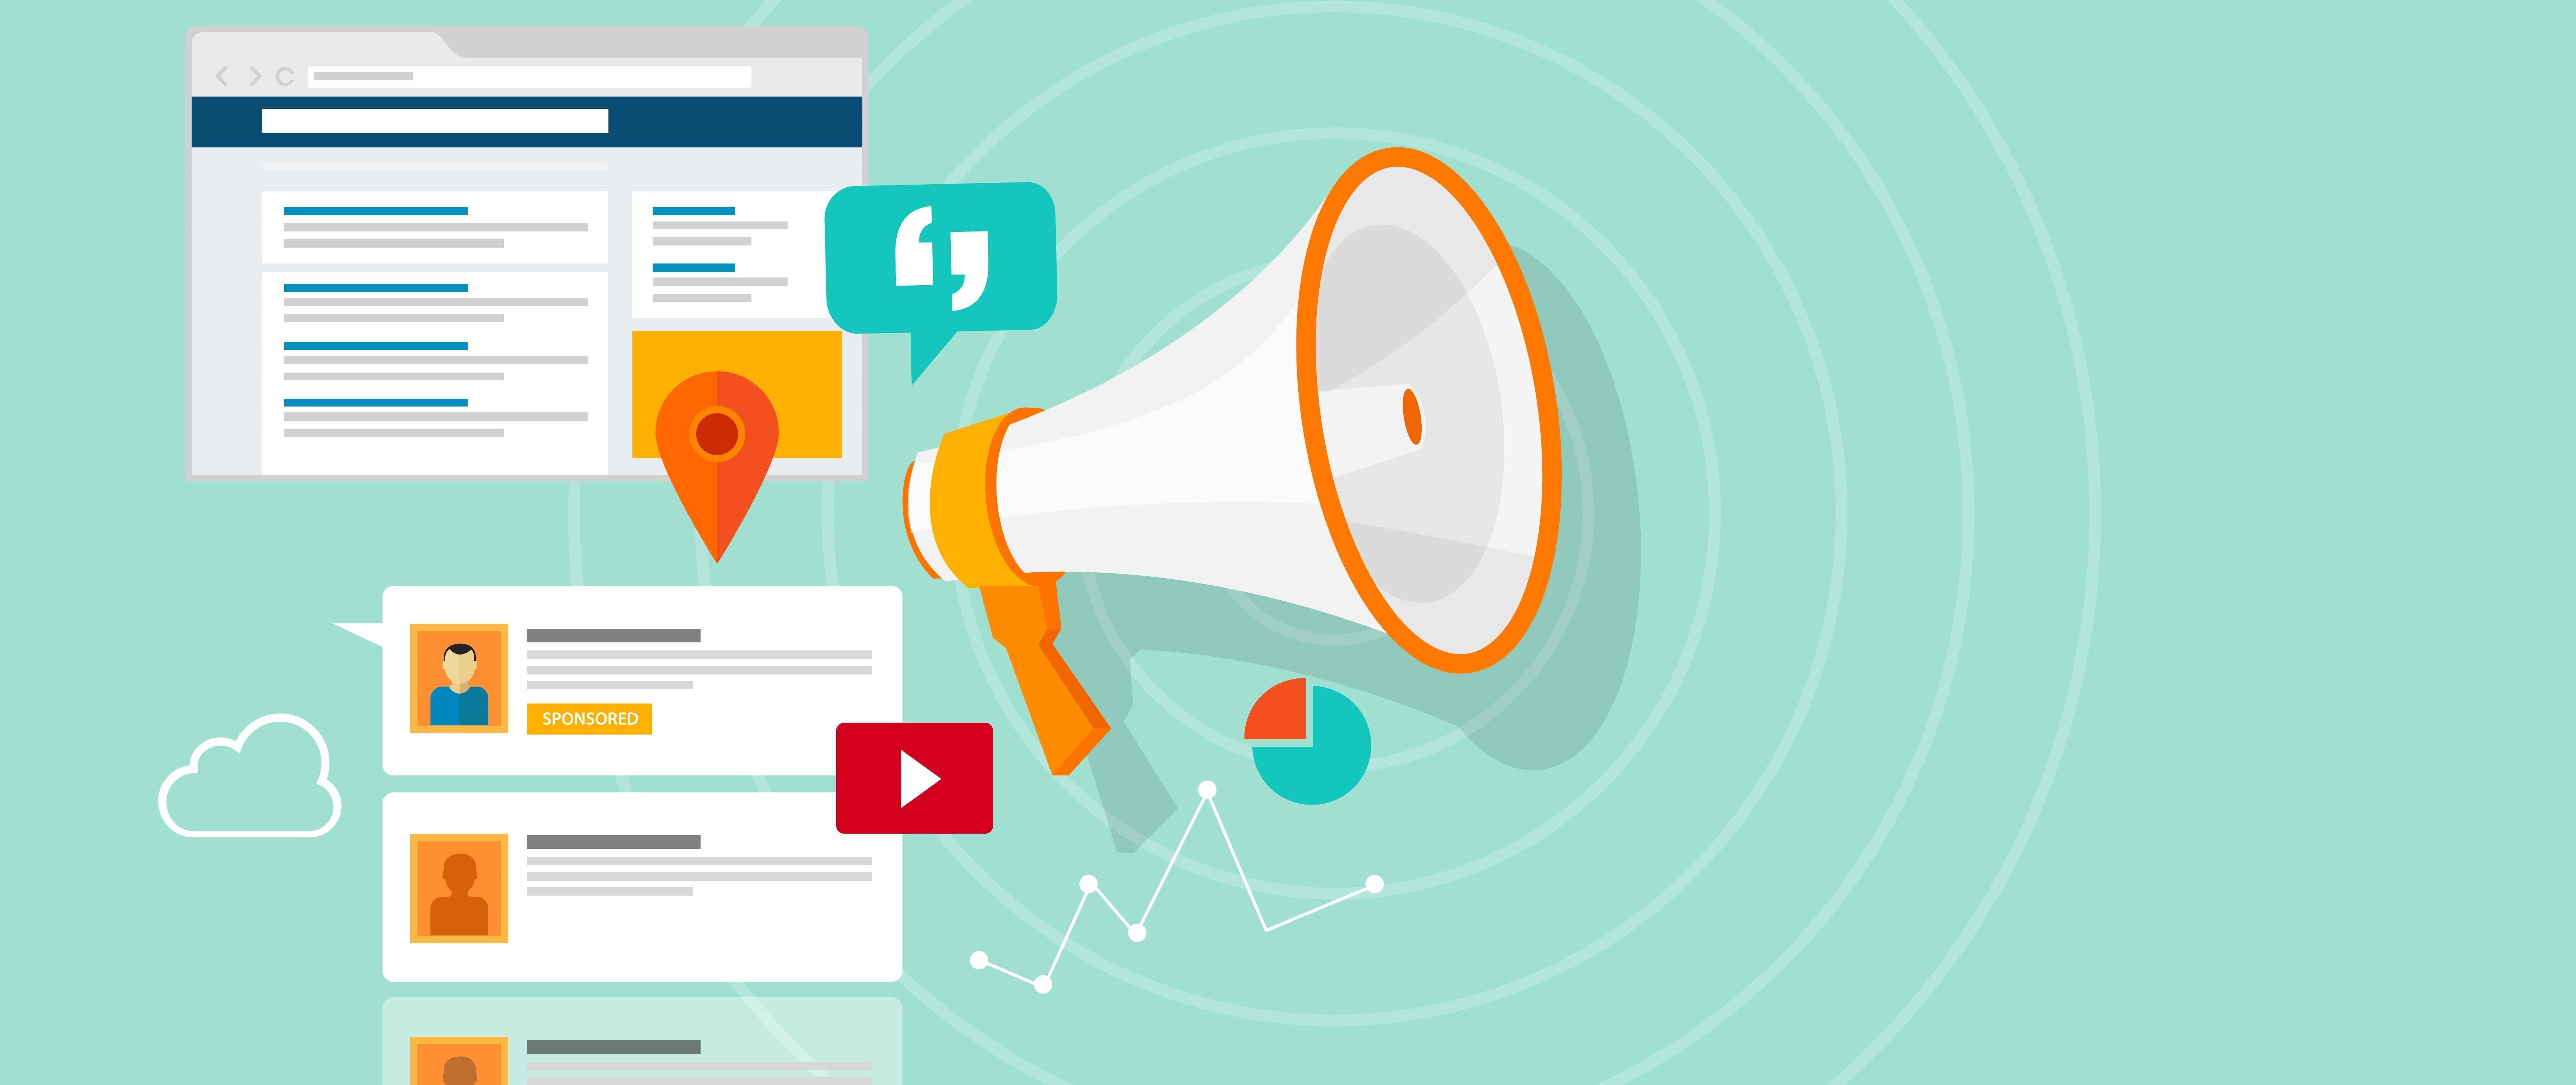 ¿Qué beneficios aporta el Inbound Marketing a mi empresa?